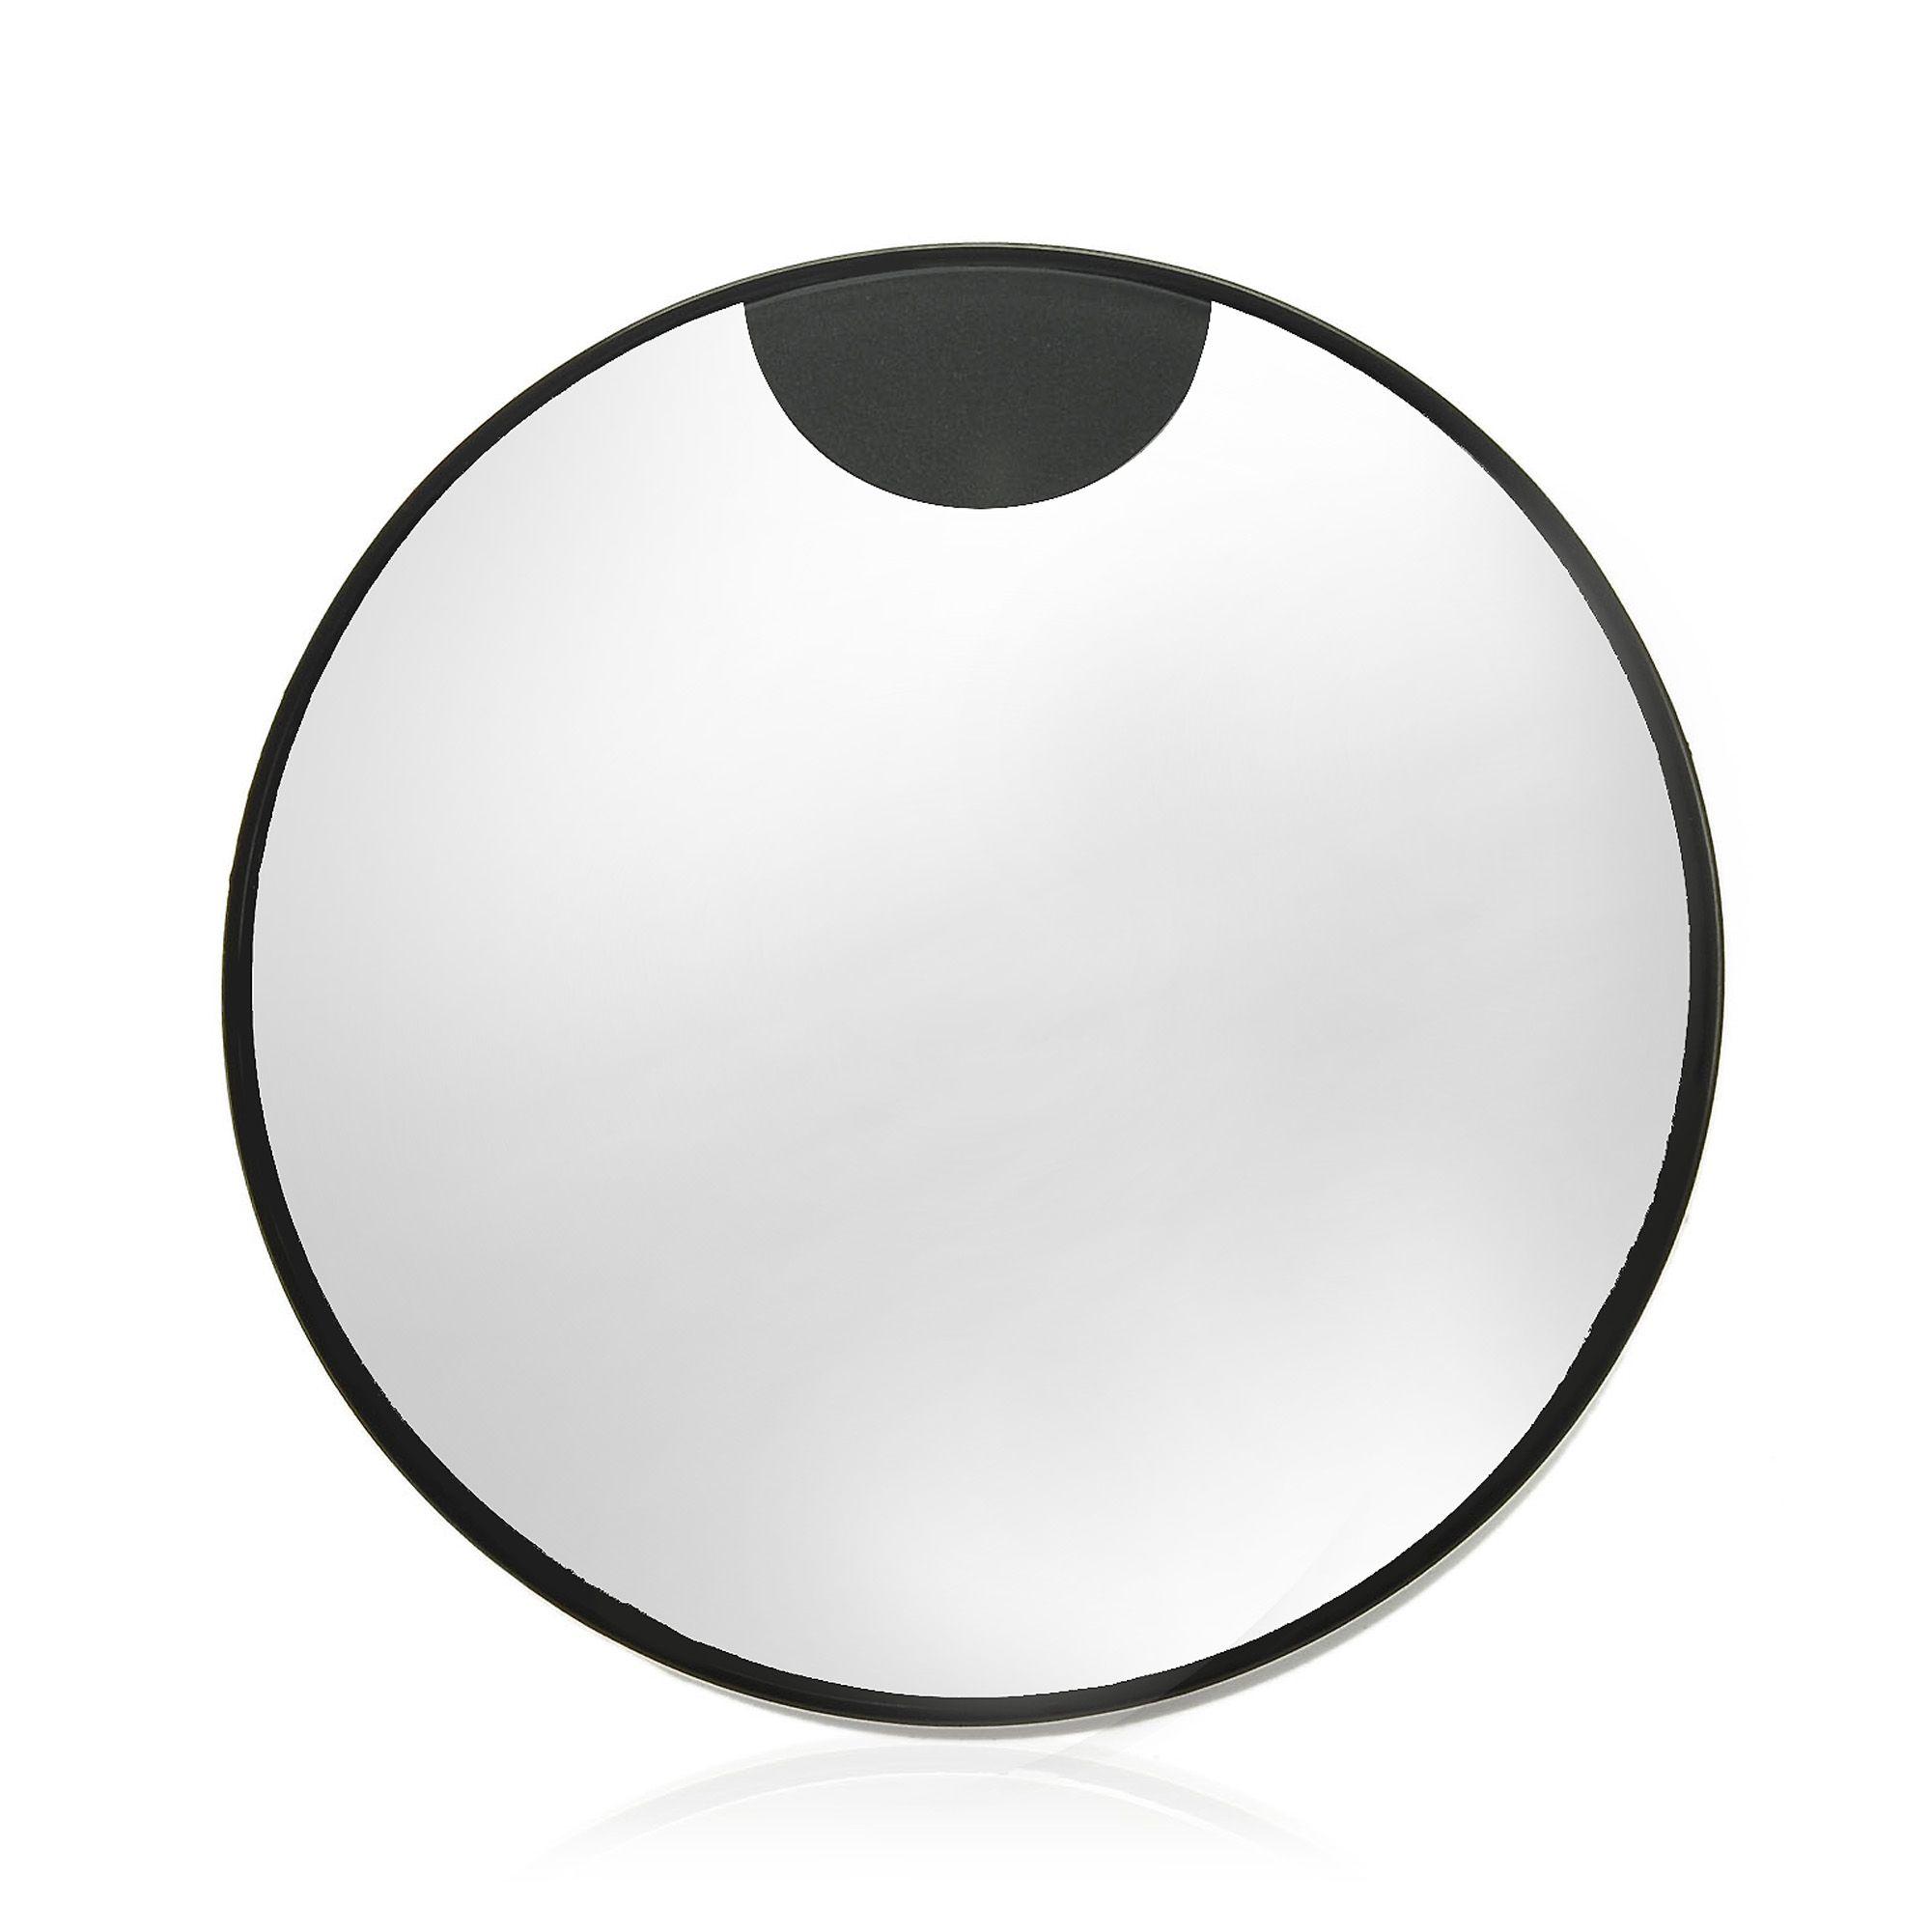 Specchi Ingranditori A Ventosa.Rio Specchio Di Precisione Con Luce E Ventose Ingrandimento 10x